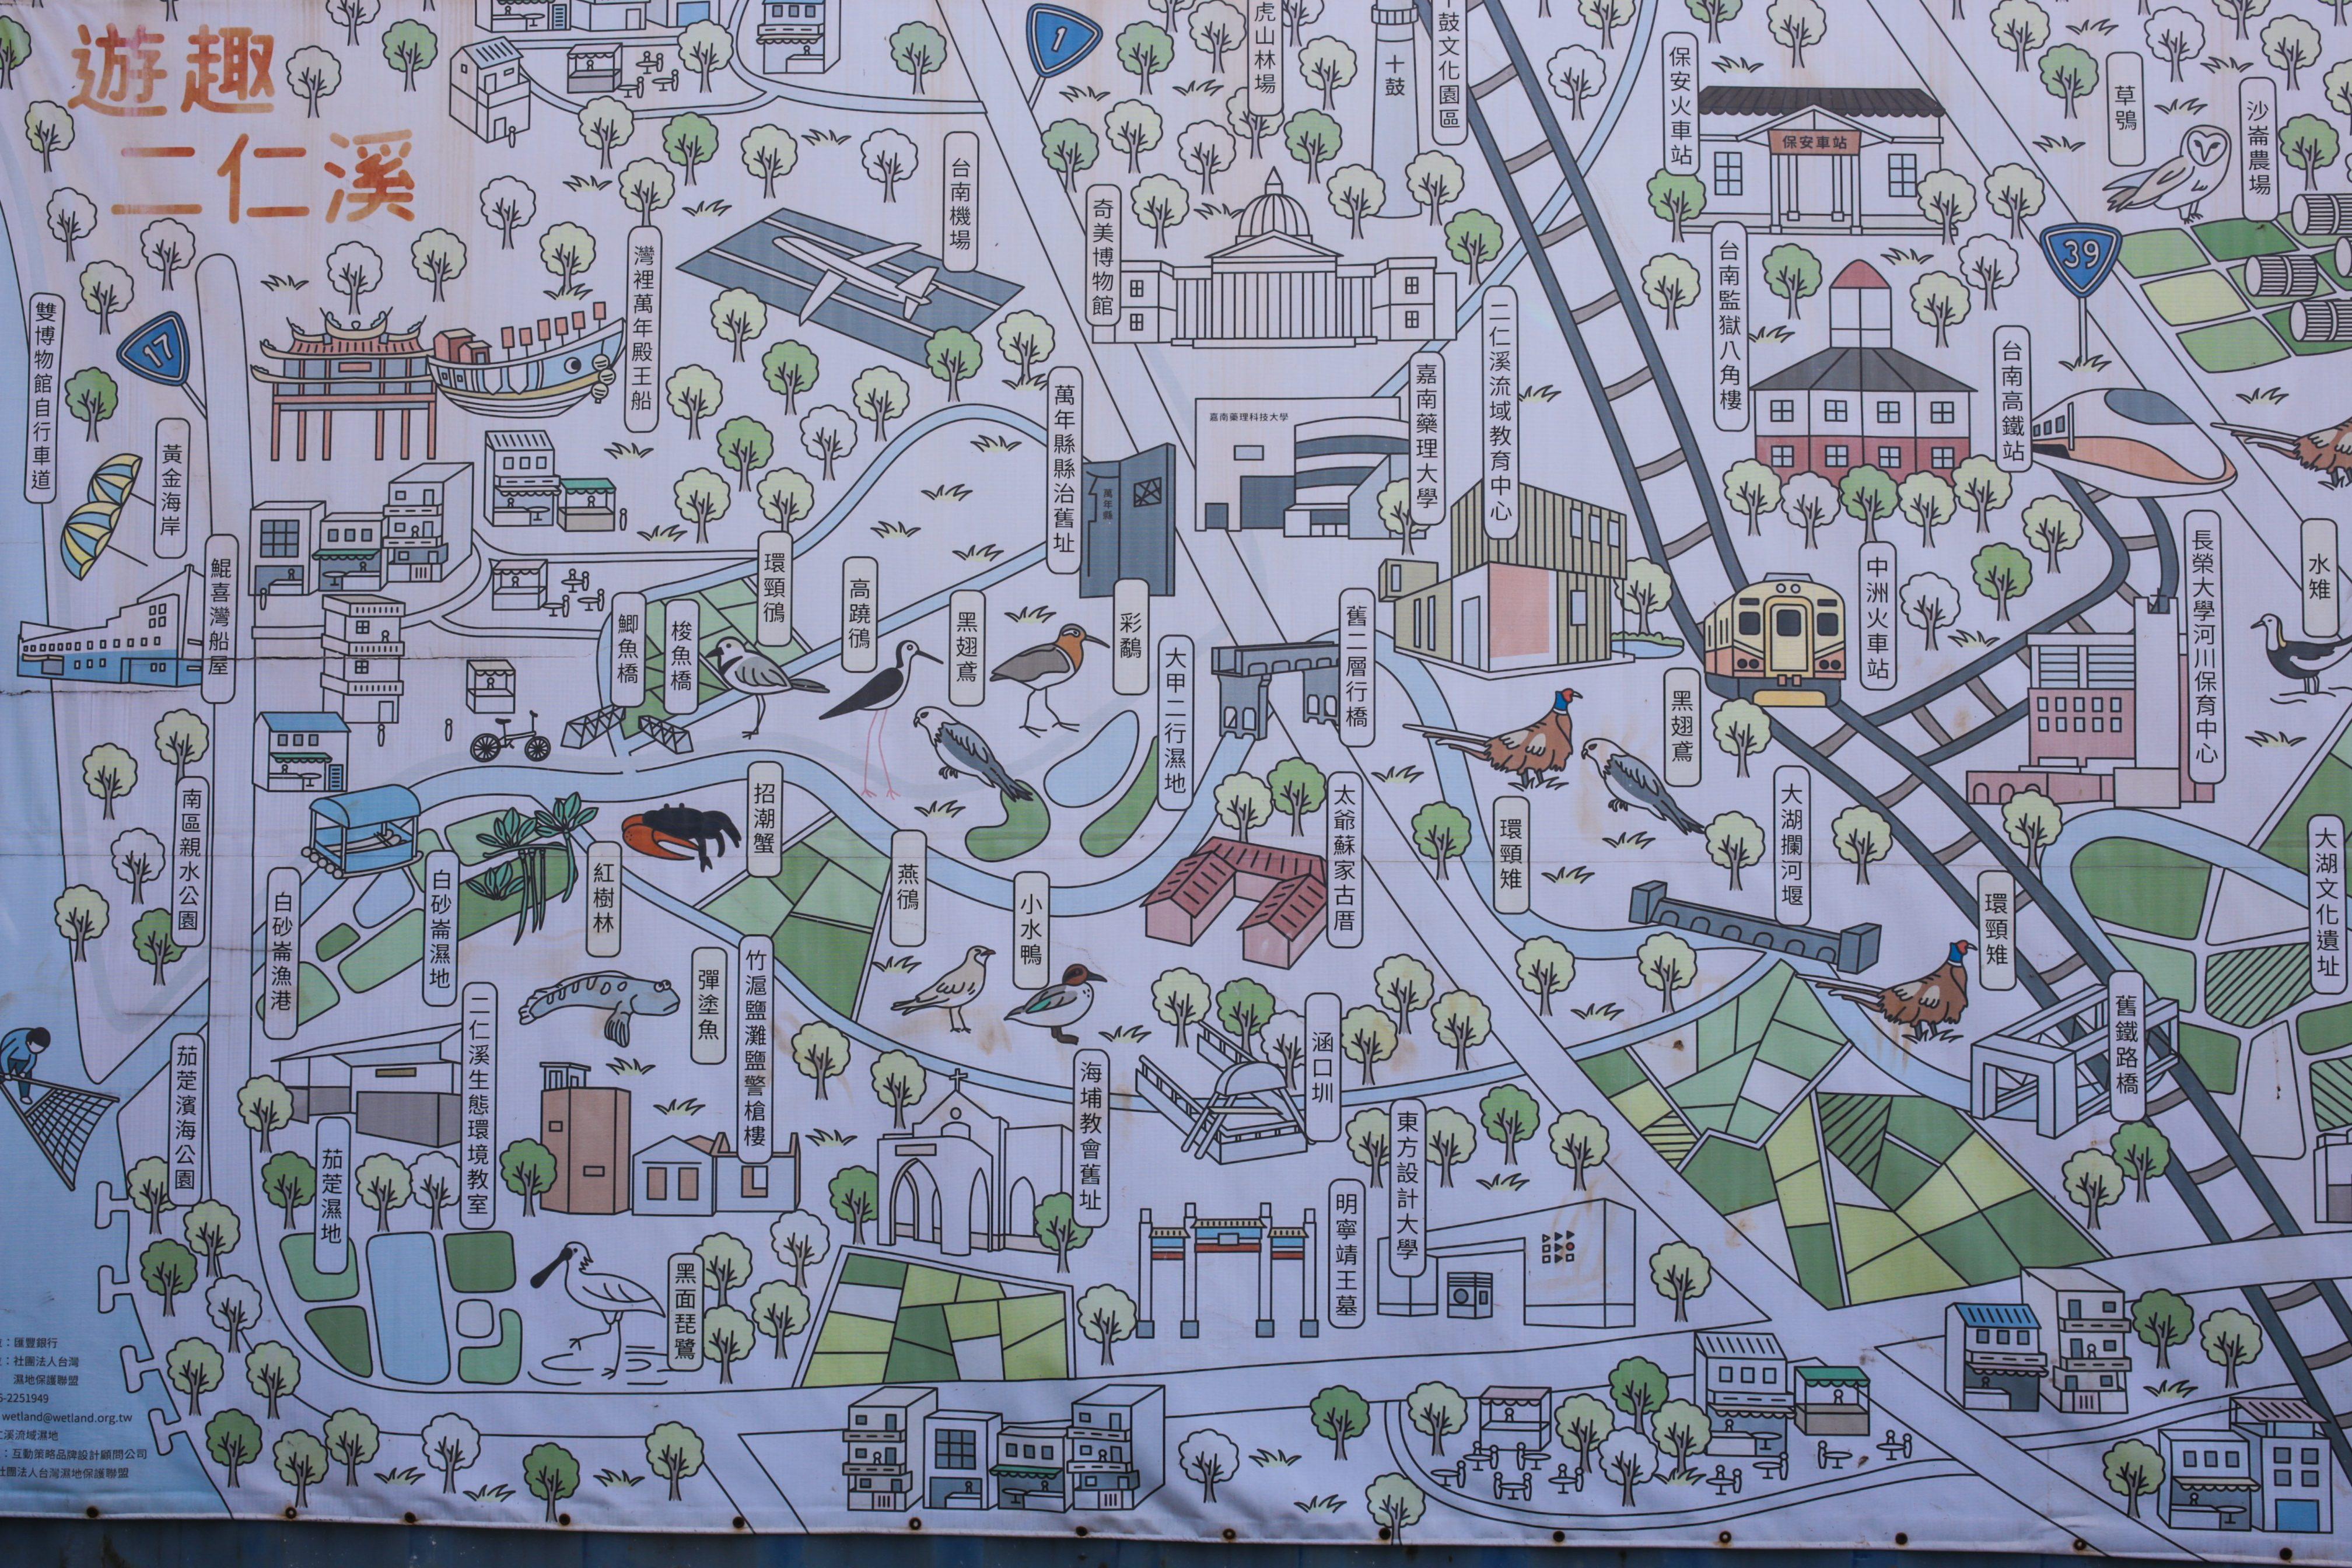 遊趣二仁溪地圖